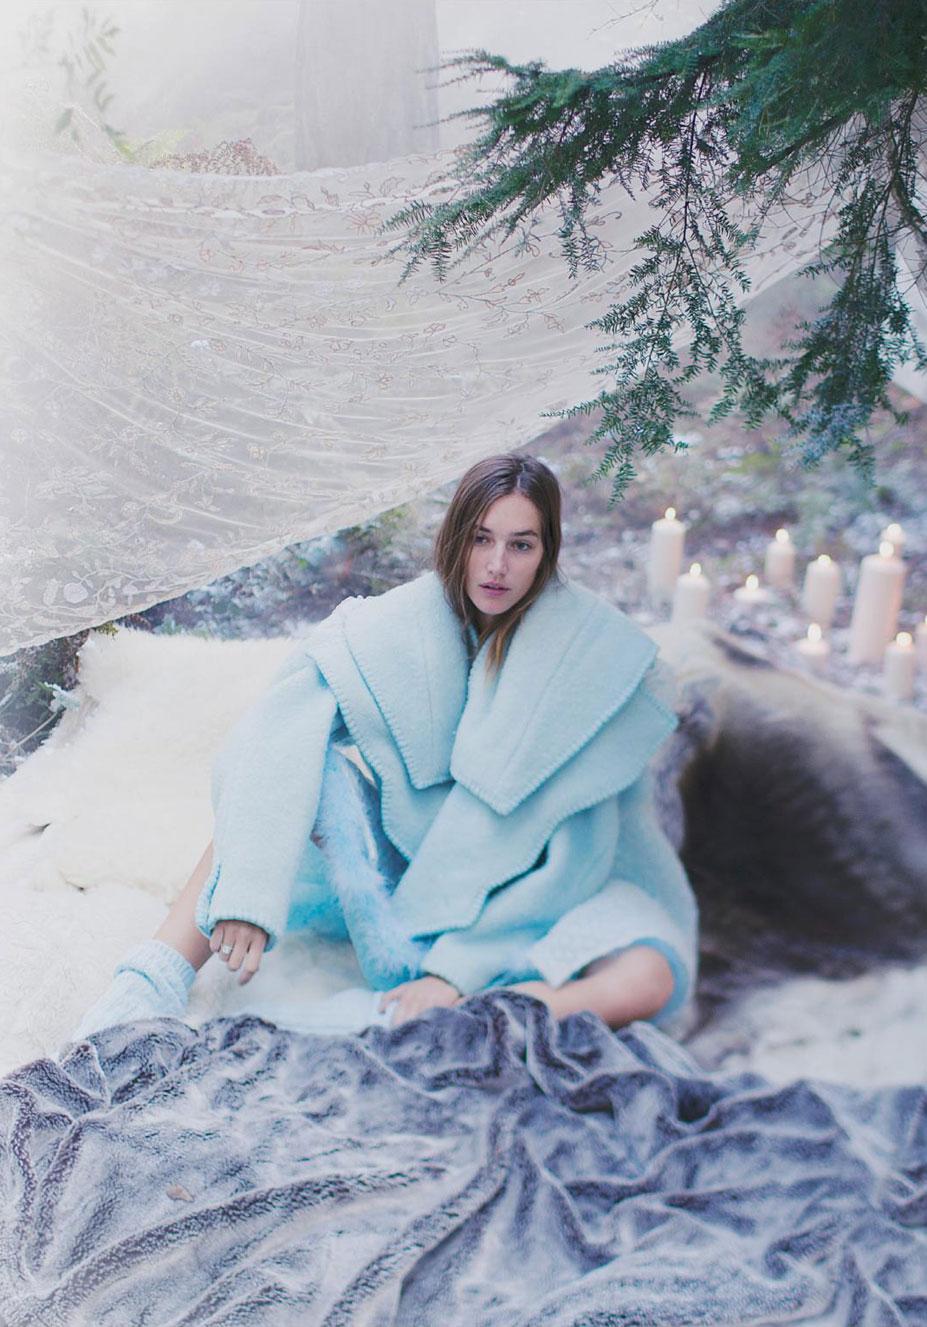 Снежная королева - Жозефин ле Тютур / Josephine Le Tutour by Alexandra Sophie - Harper's Bazaar UK january 2017